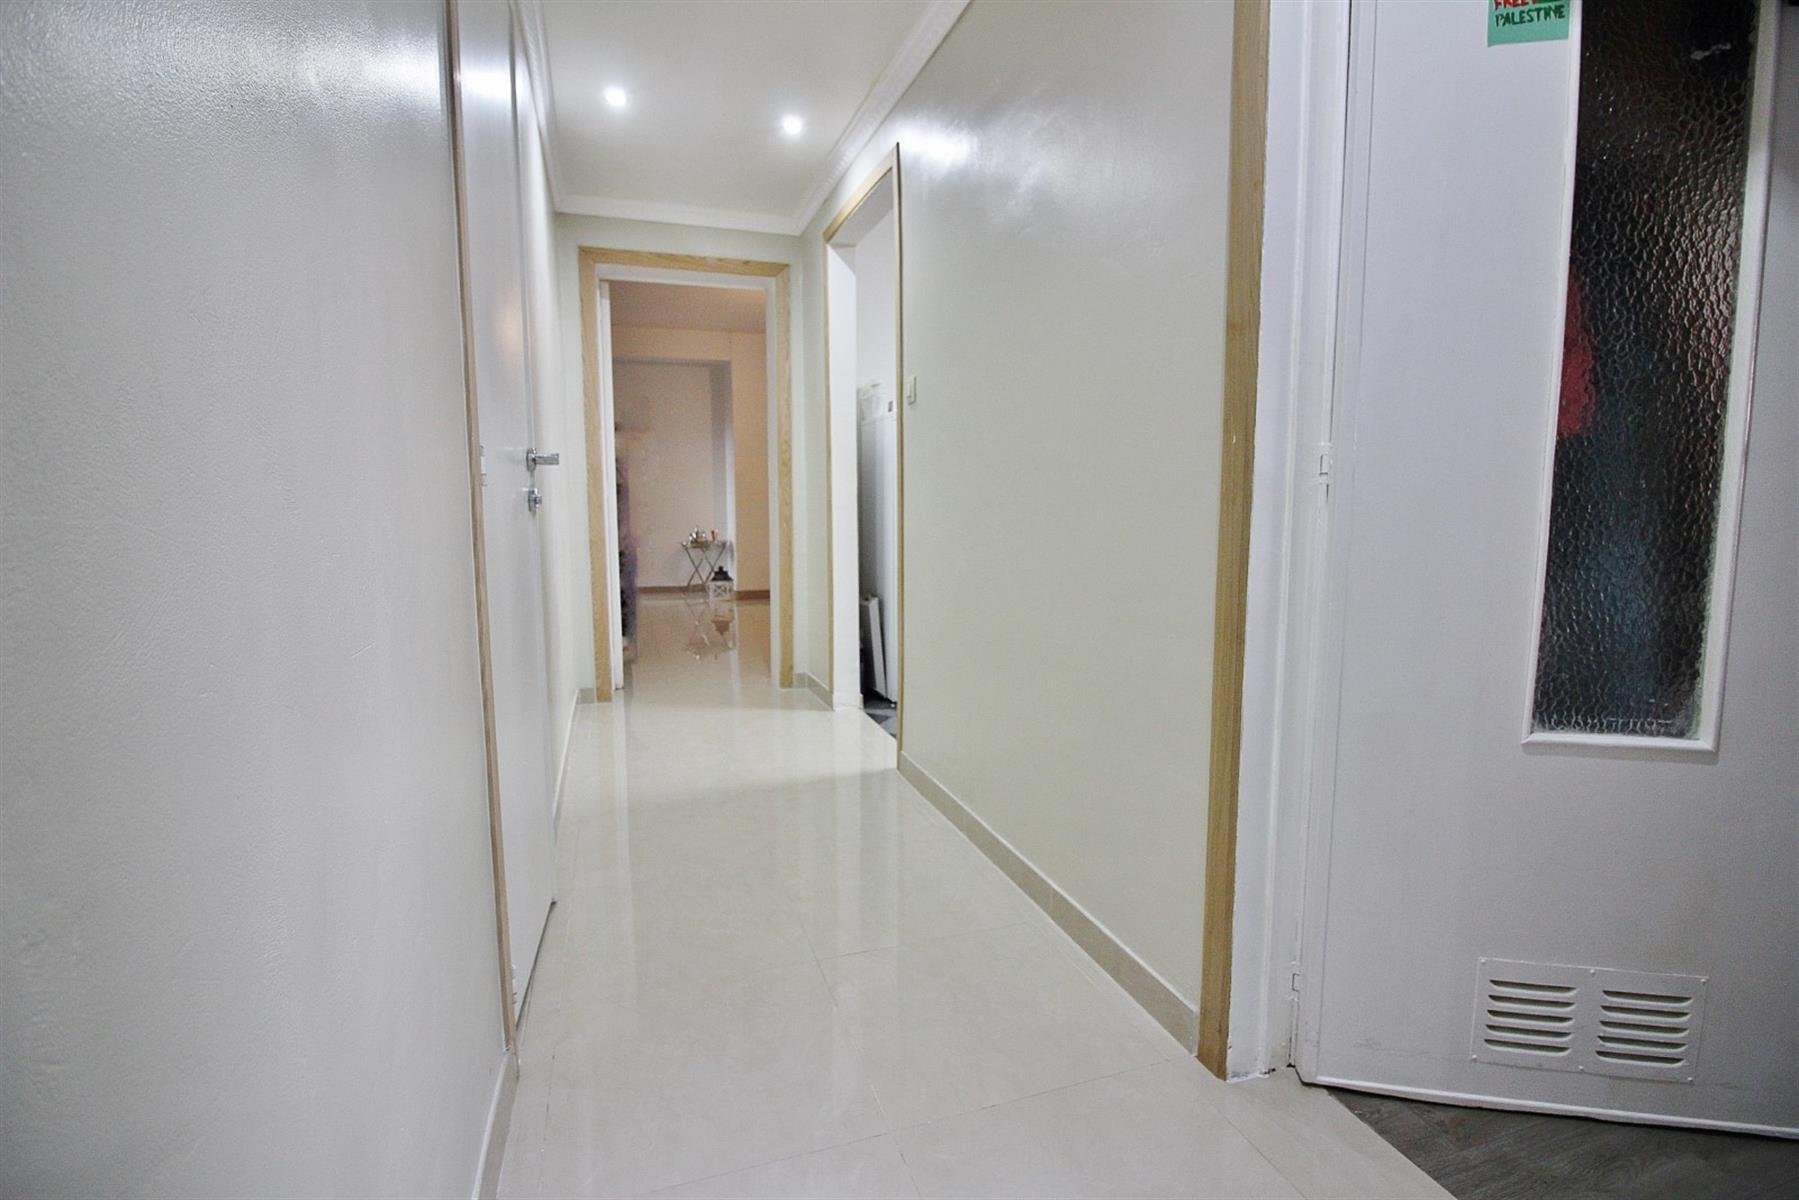 Appartement - Liege - #4394584-3